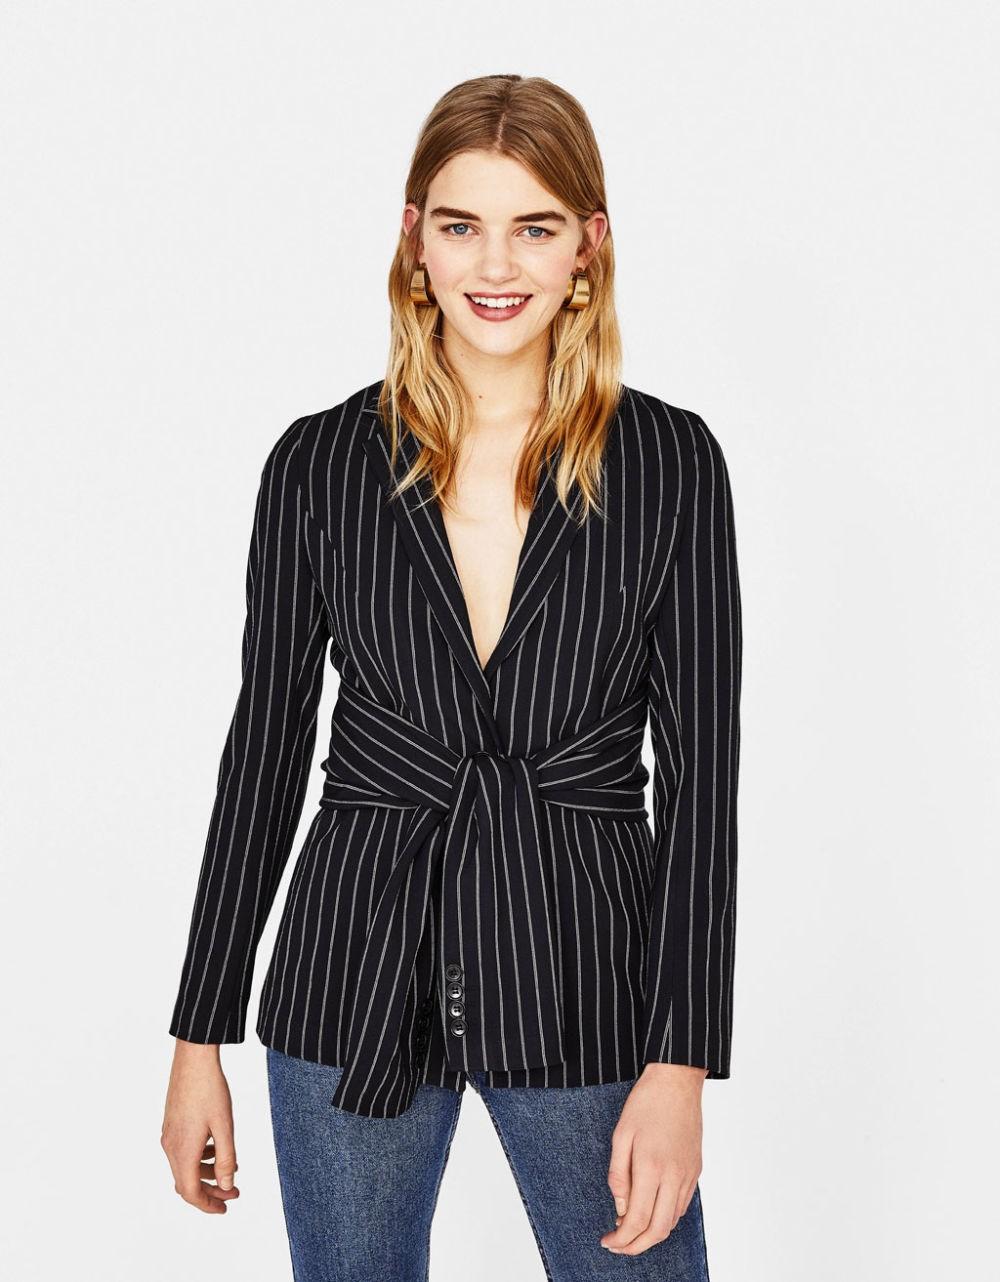 модные пиджаки осень зима 2018 2018: пиджаки под пояс черный в белую полоску